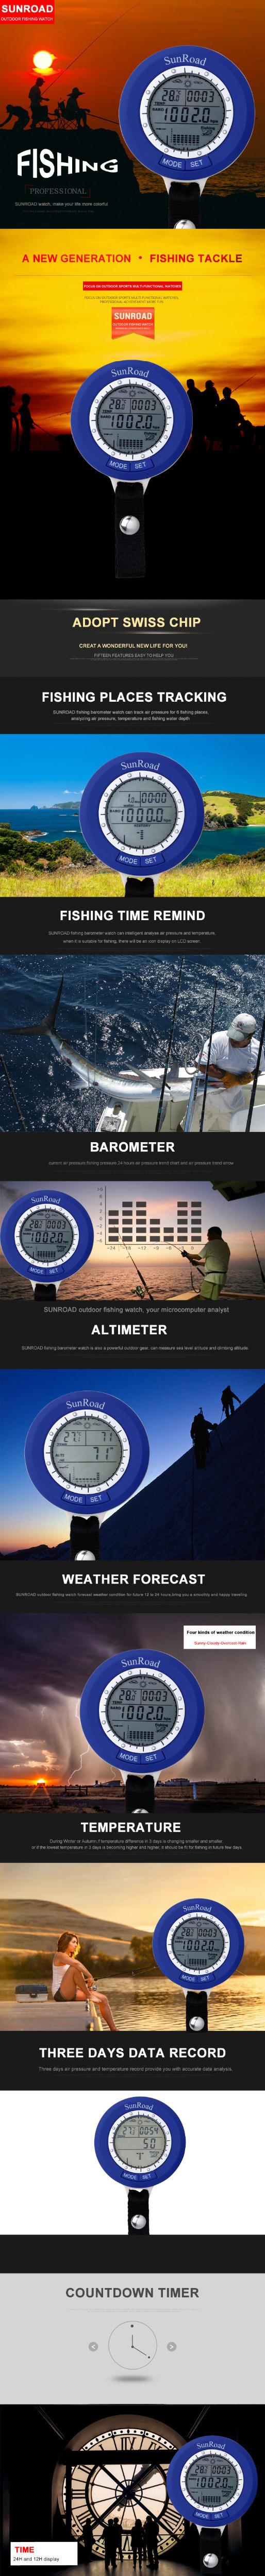 Sunroad fishing barometer SR204 description photo 01